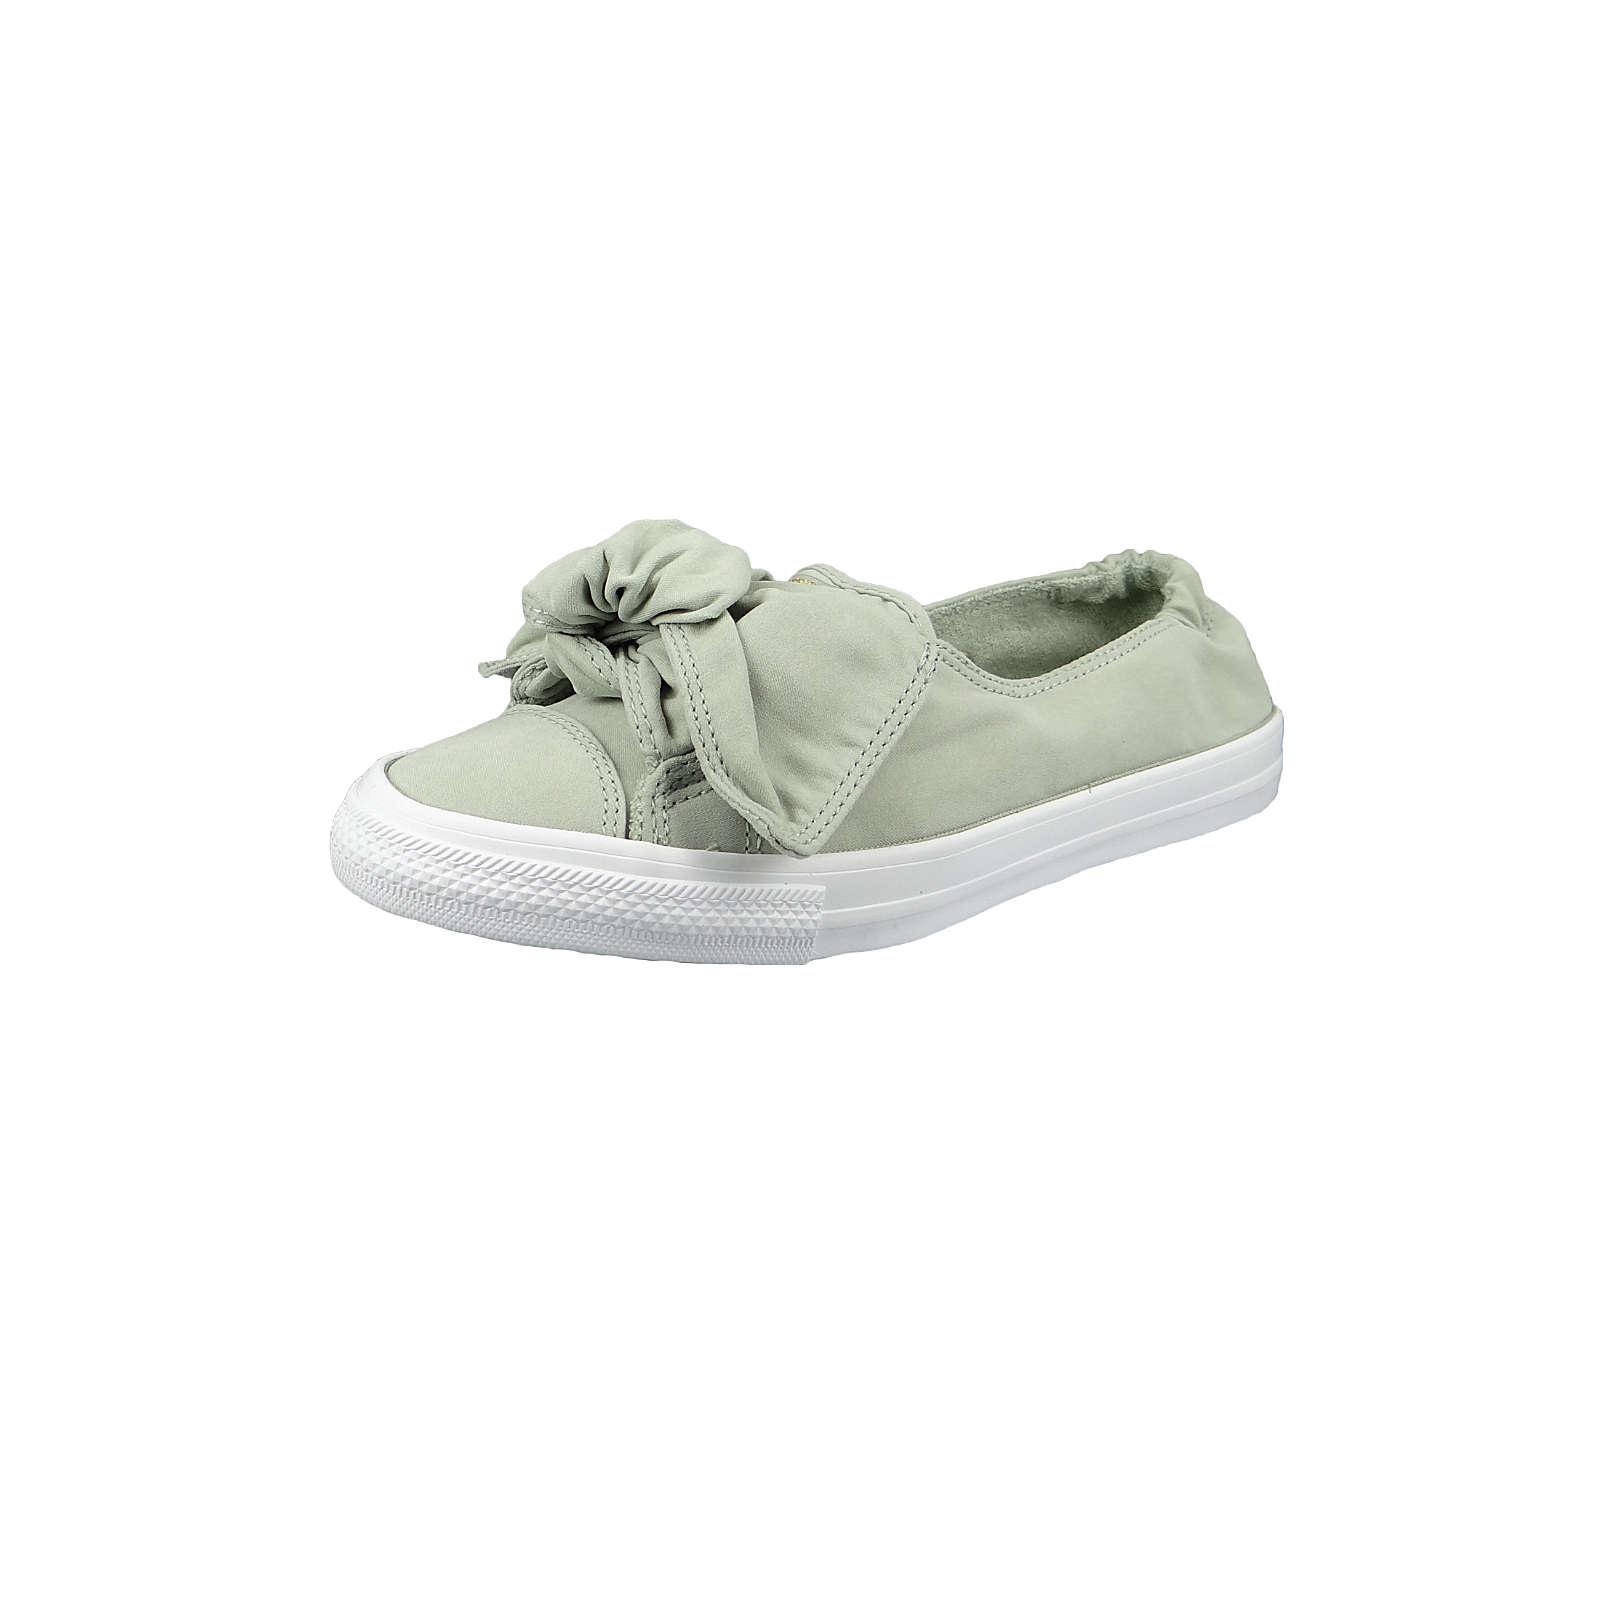 CONVERSE CHUCK TAYLOR ALL STAR KNOT – SLIP Sneakers Low hellgrün Damen Gr. 37,5